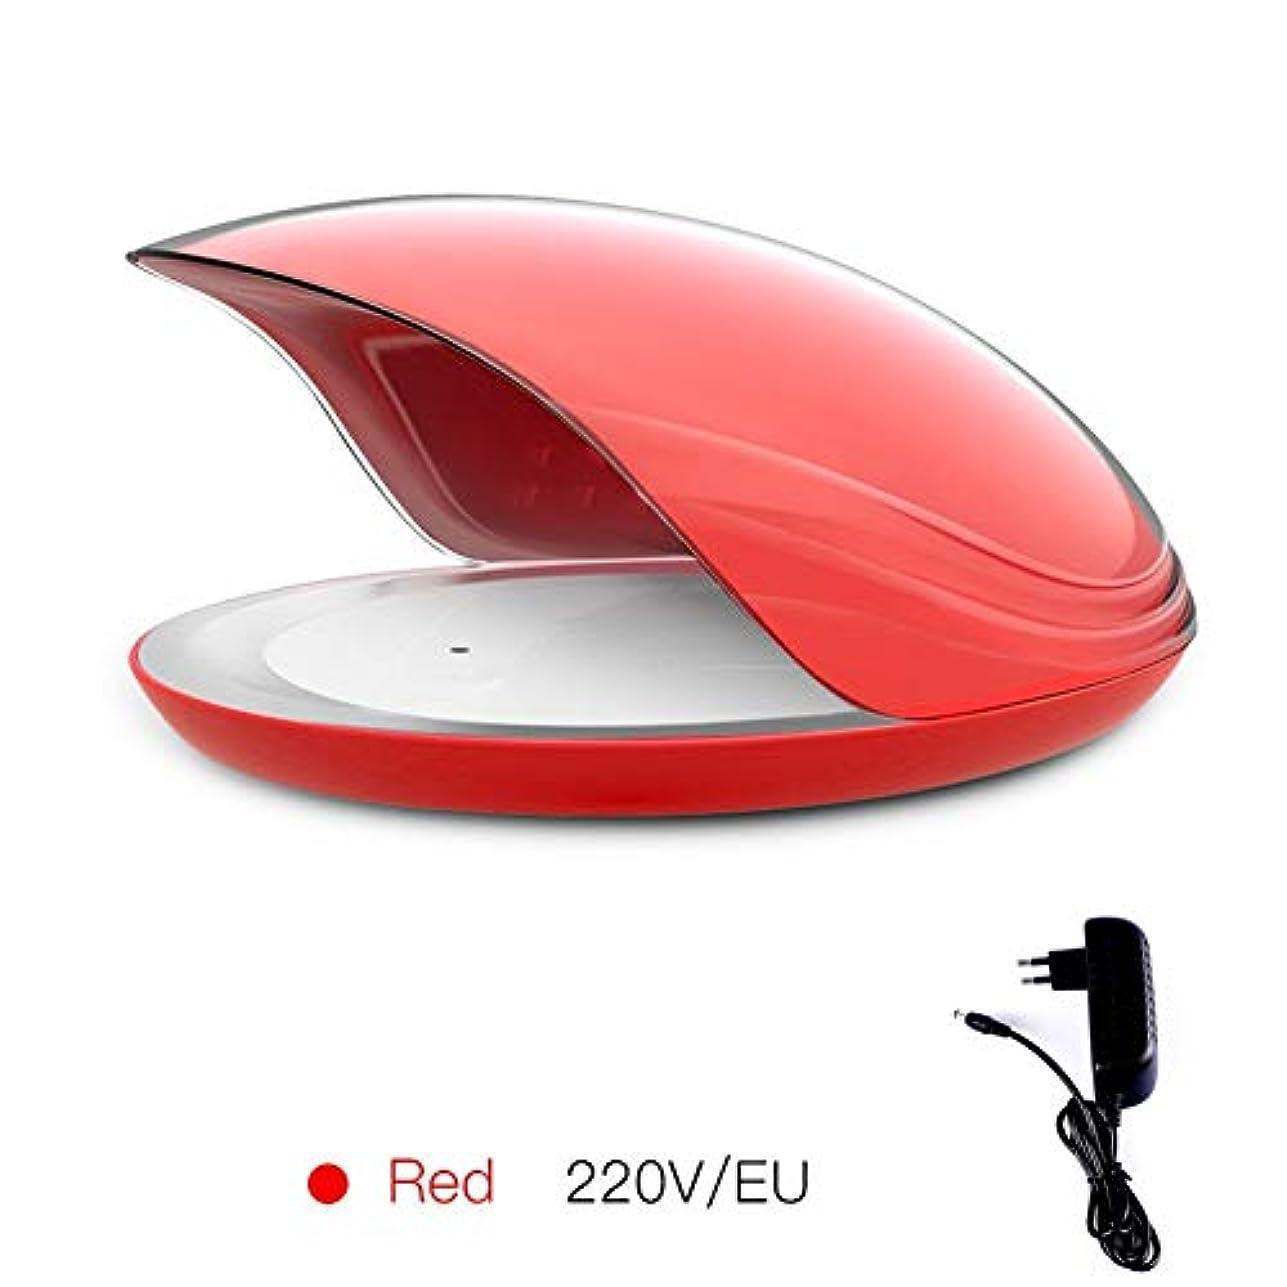 取る免疫する果てしないLittleCat メモリーネイルネイルポリッシュプラスチックドライヤーランプのツールインテリジェント80WネイルUVライトセンシングタイミング (色 : Red round insert)